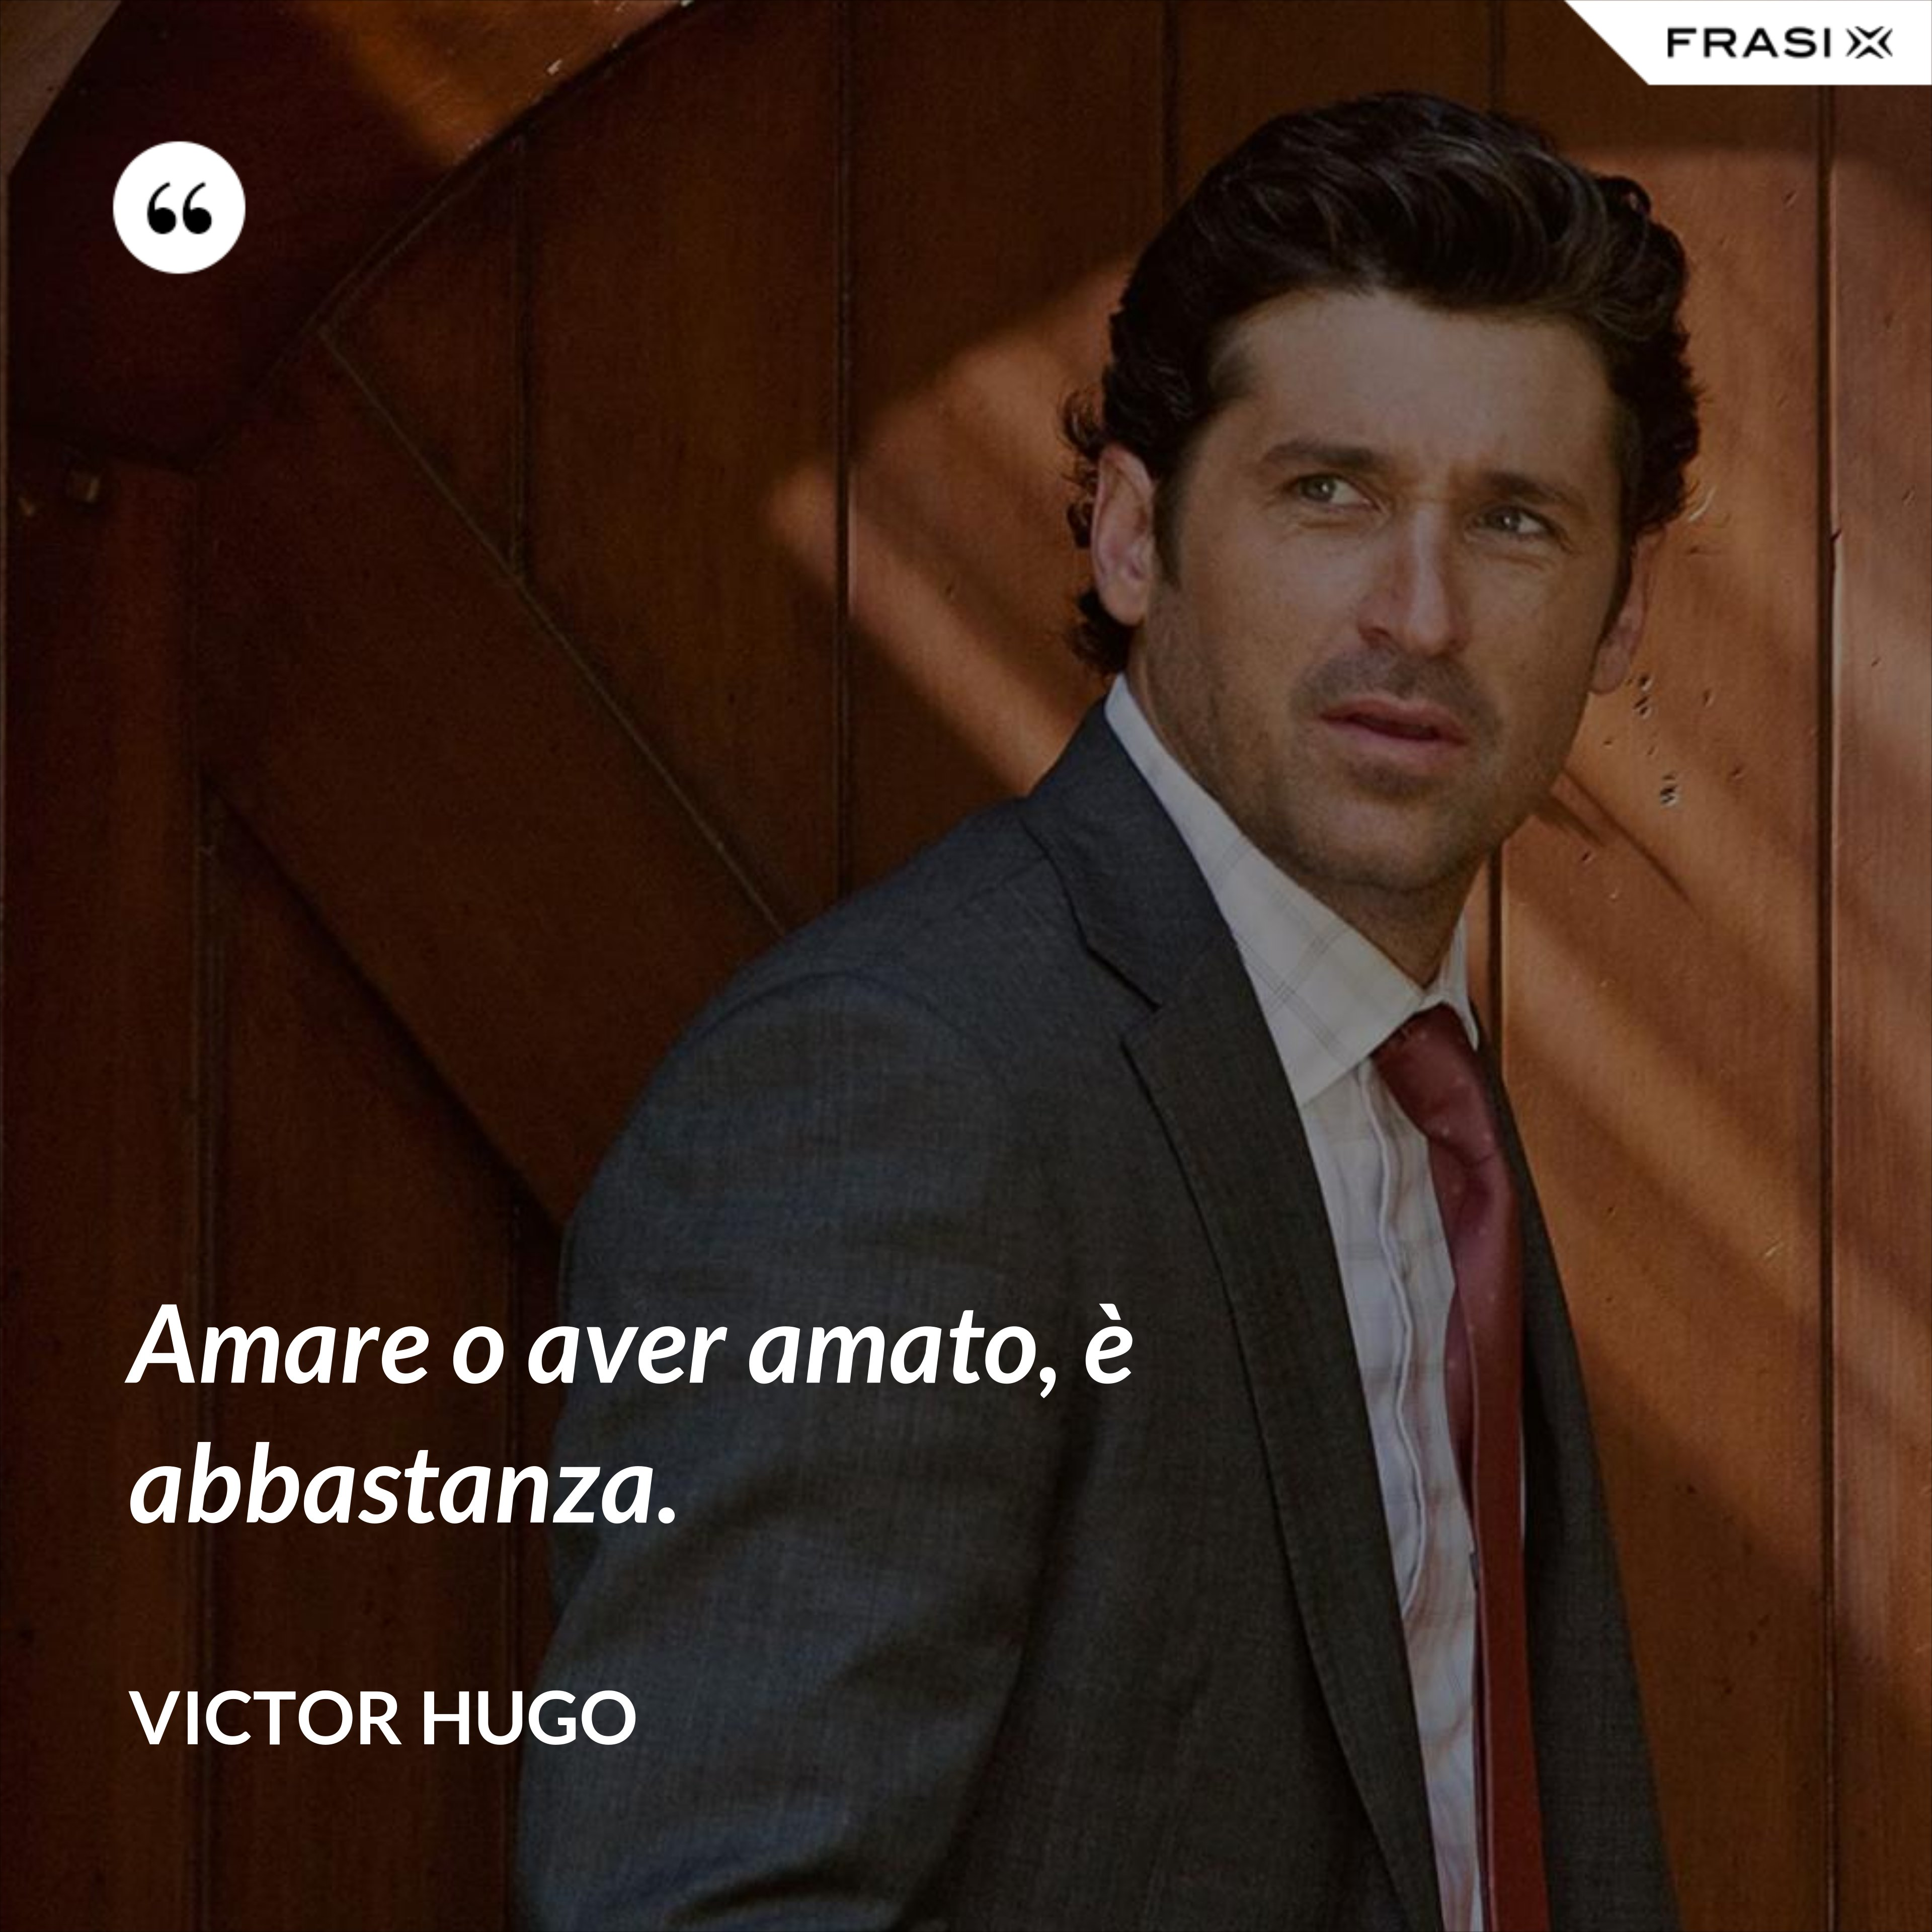 Amare o aver amato, è abbastanza. - Victor Hugo